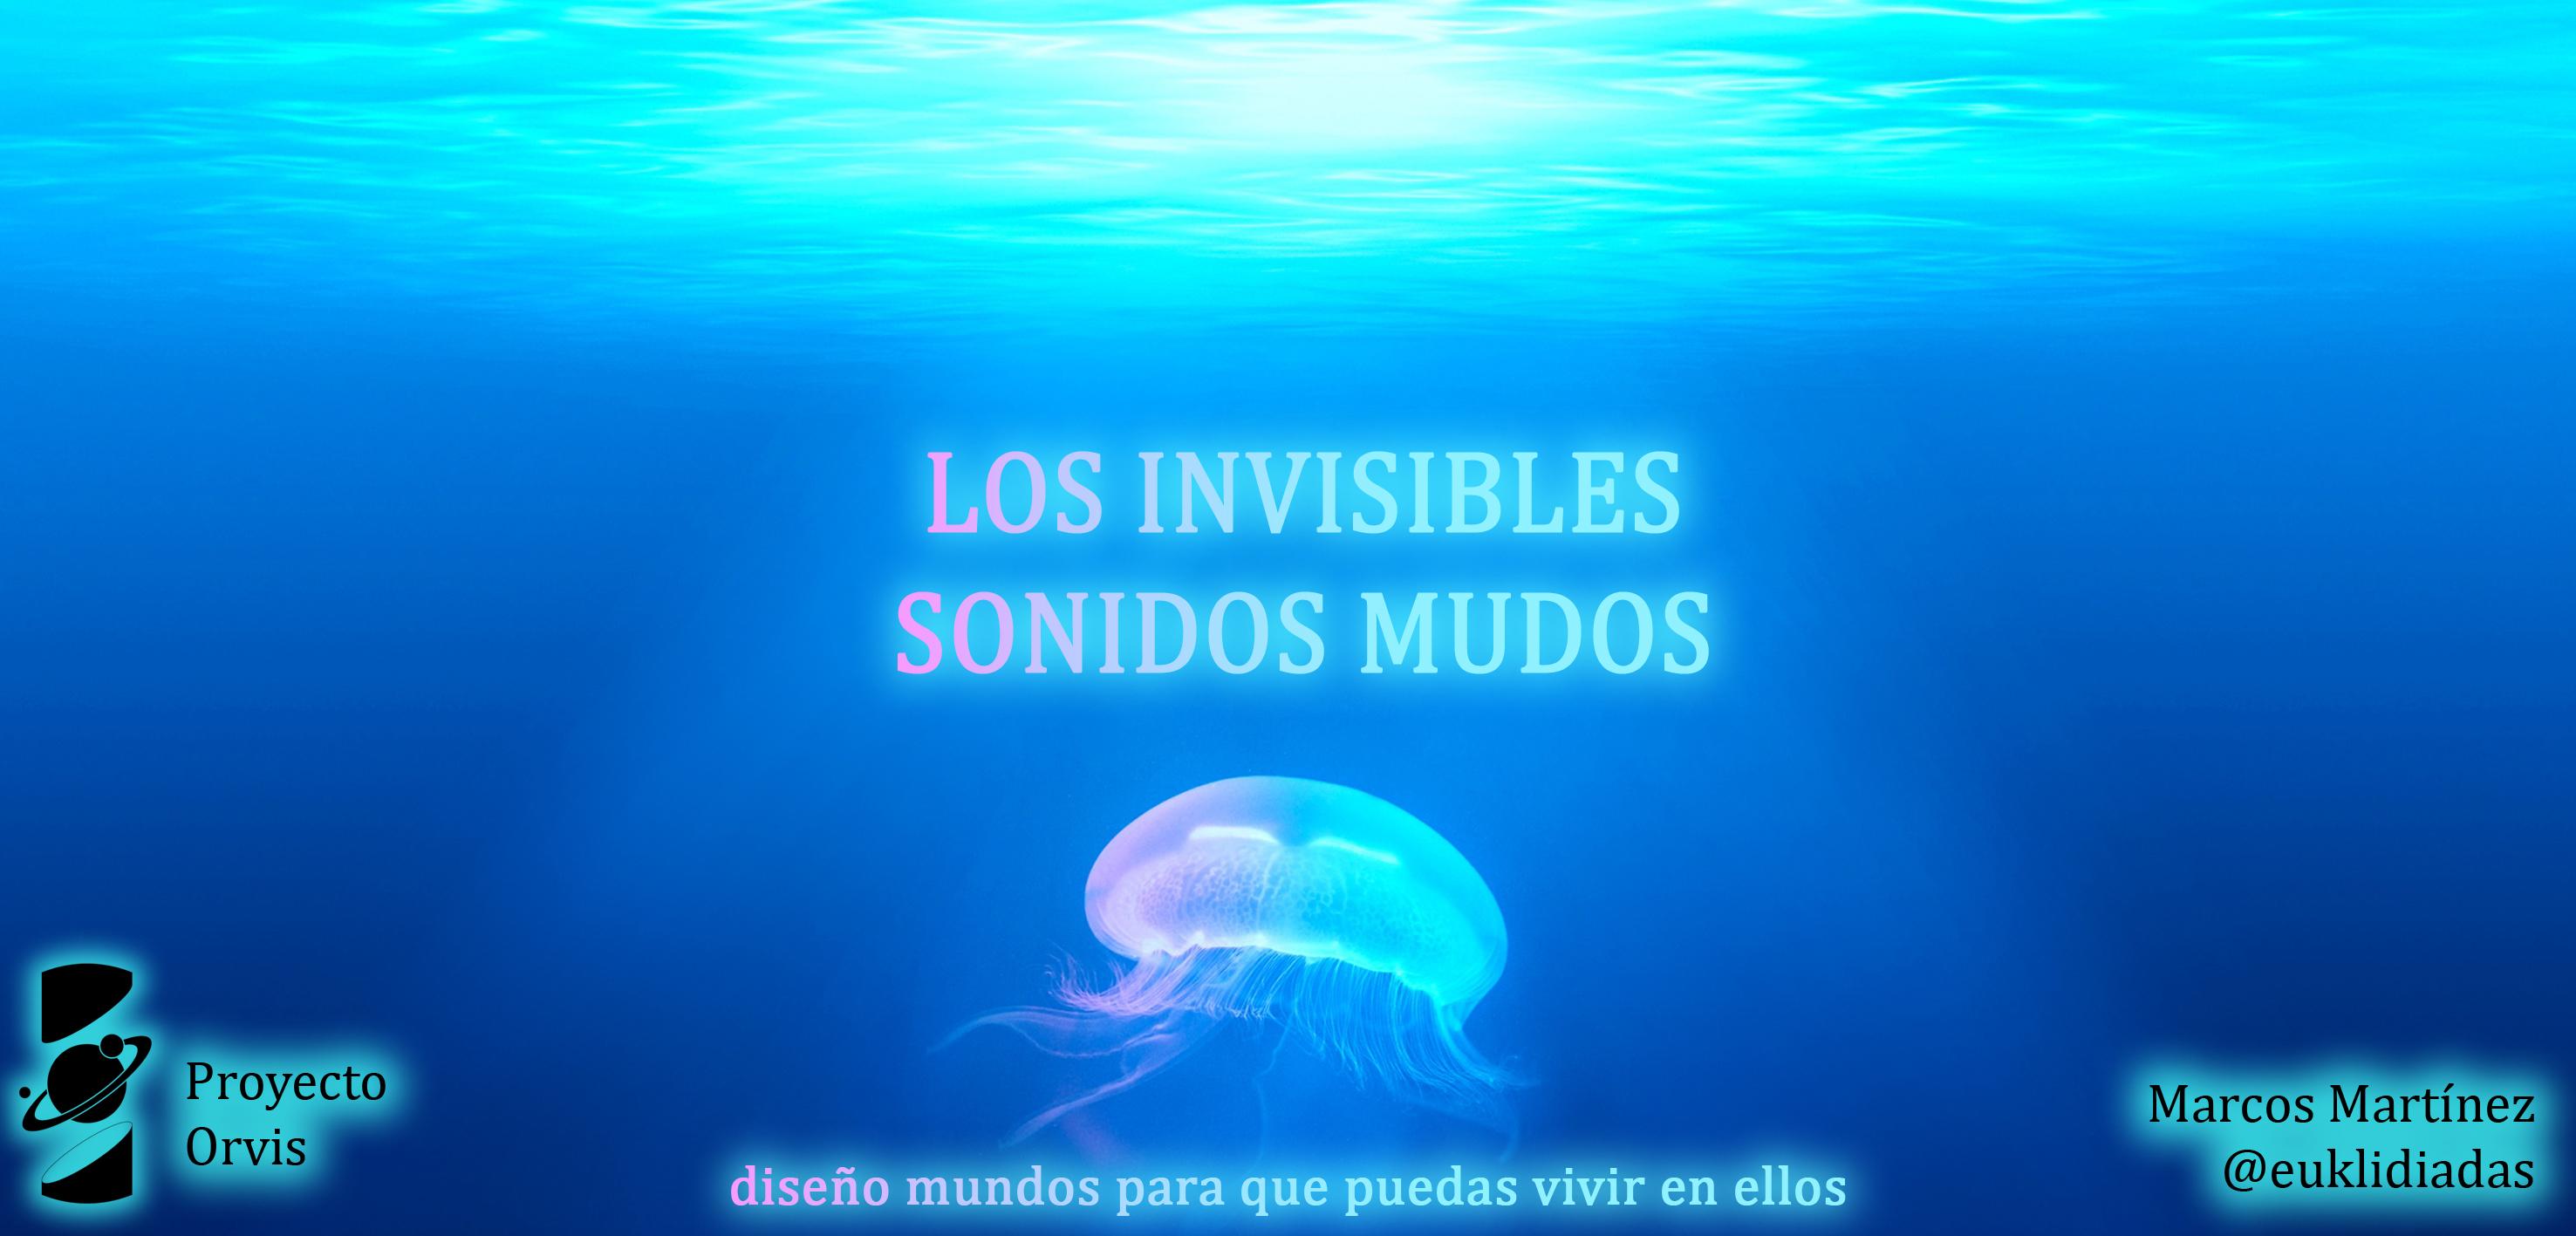 Capitulo 5. Los invisibles sonidos mudos